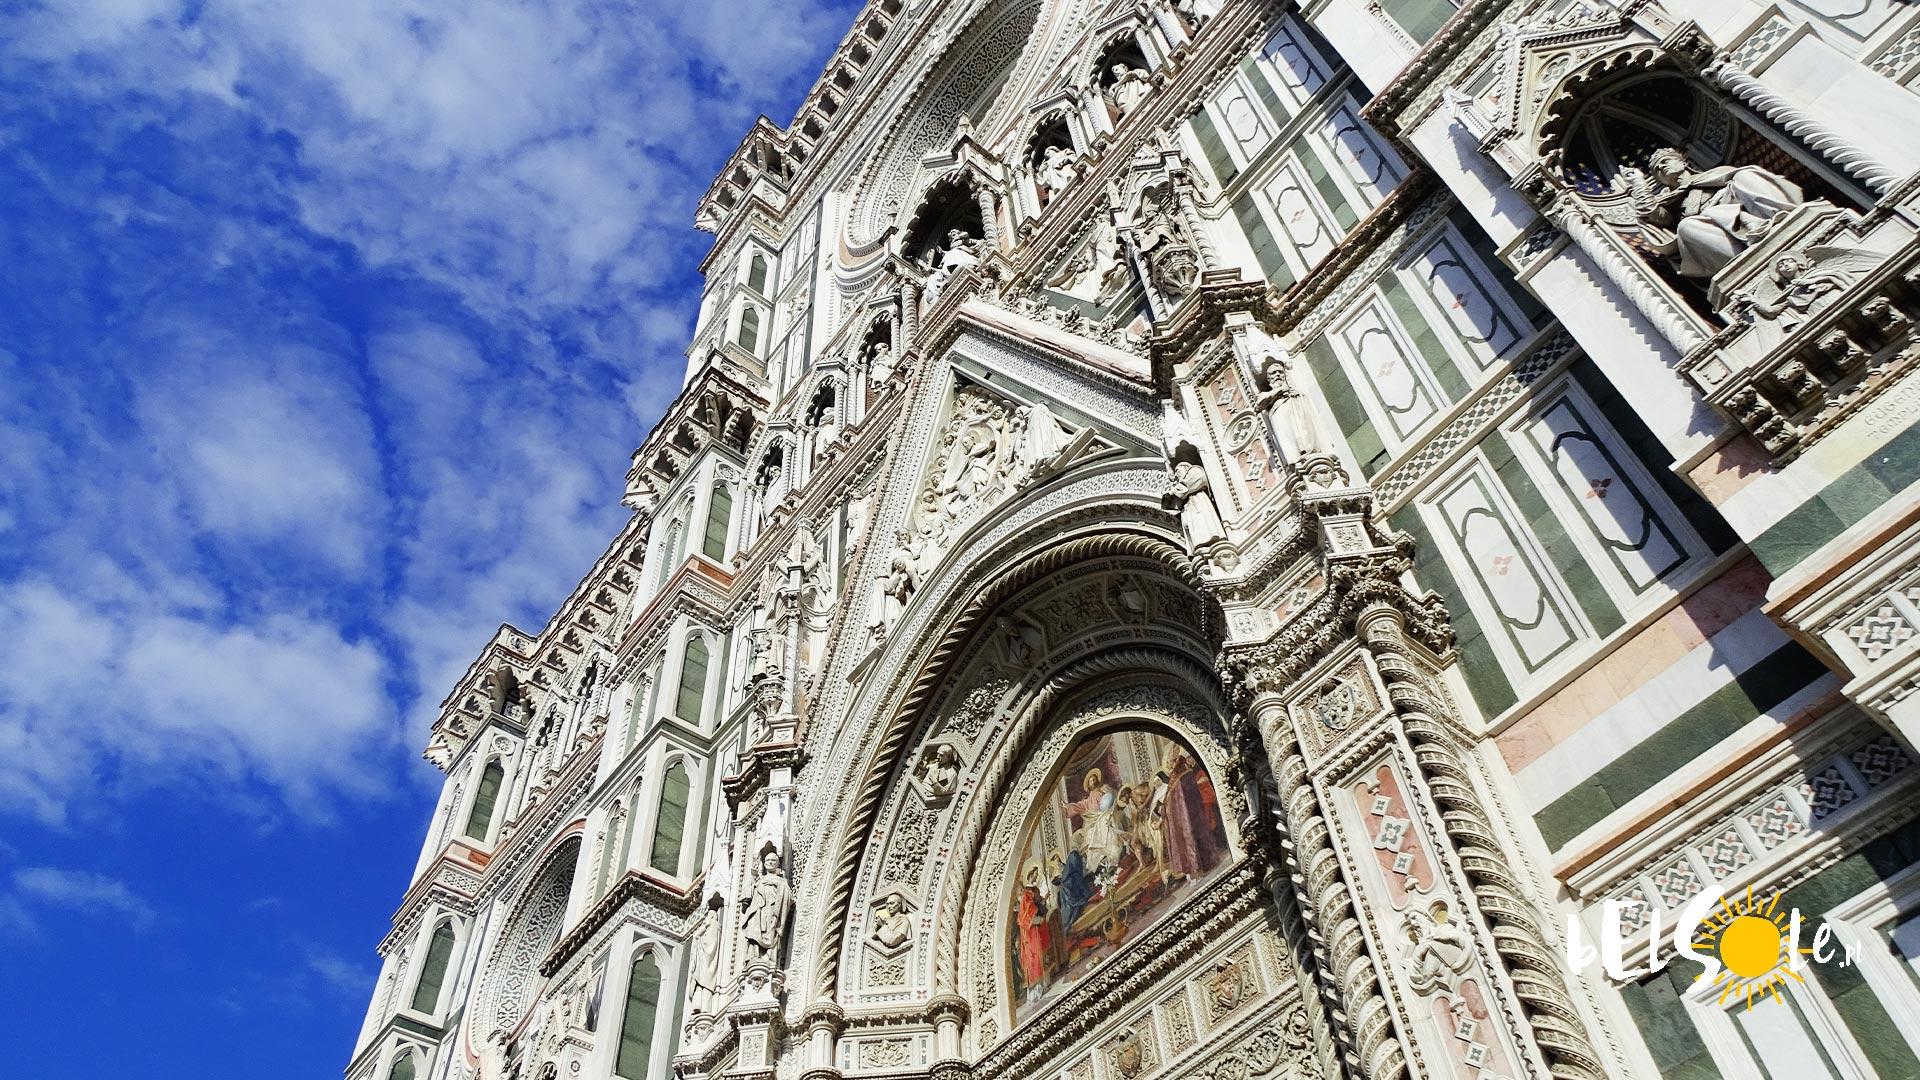 katedra florencja zwiedzanie